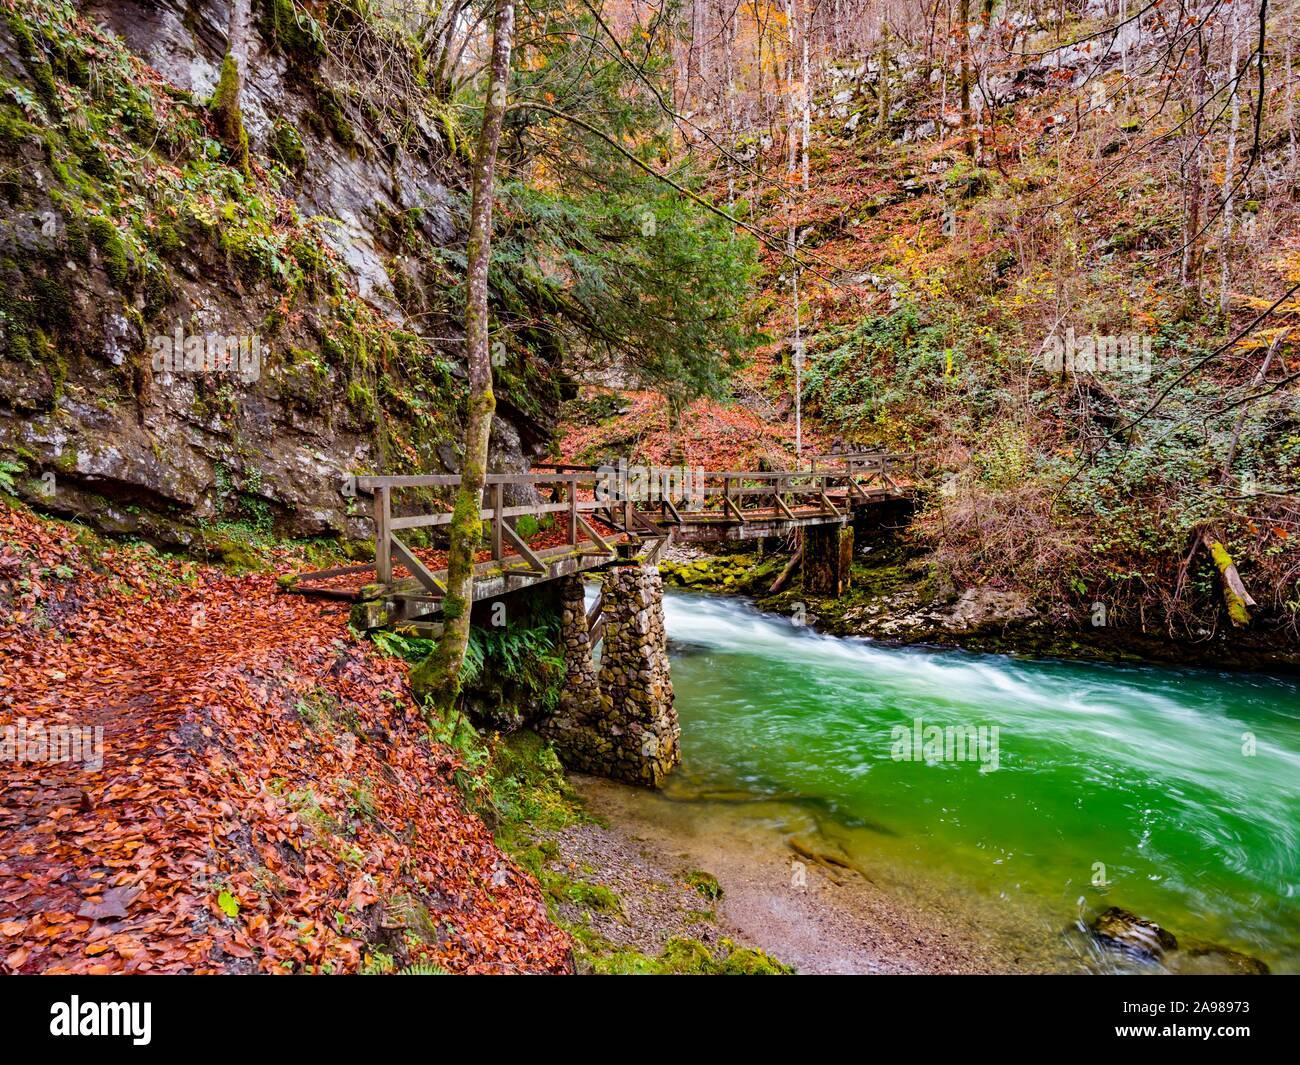 Famous landmark wooden bridge footbridge Kamacnik canyon near Vrbovsko in Croatia Europe Stock Photo